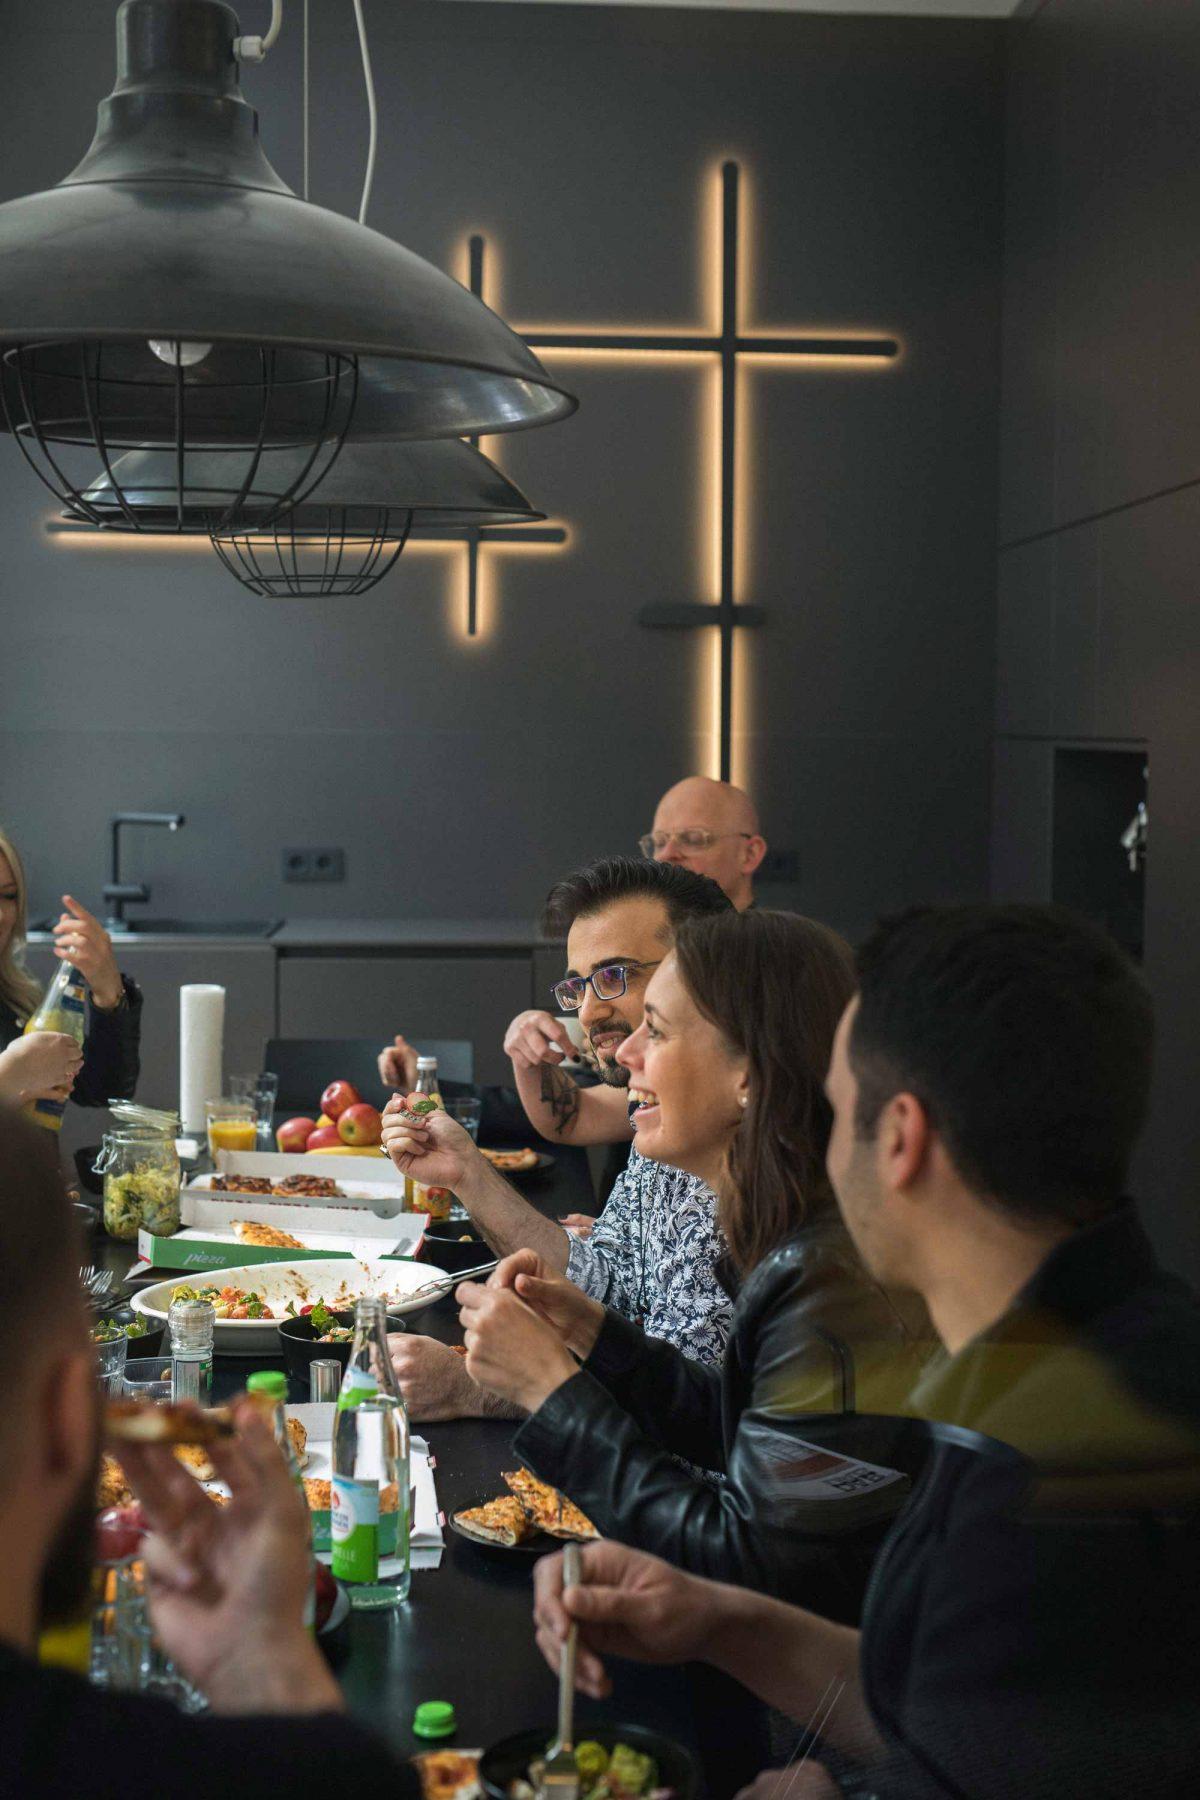 Das Team der Bermüller+Niemeyer Architekturwerkstatt bei der gemeinsamen Mittagspause.